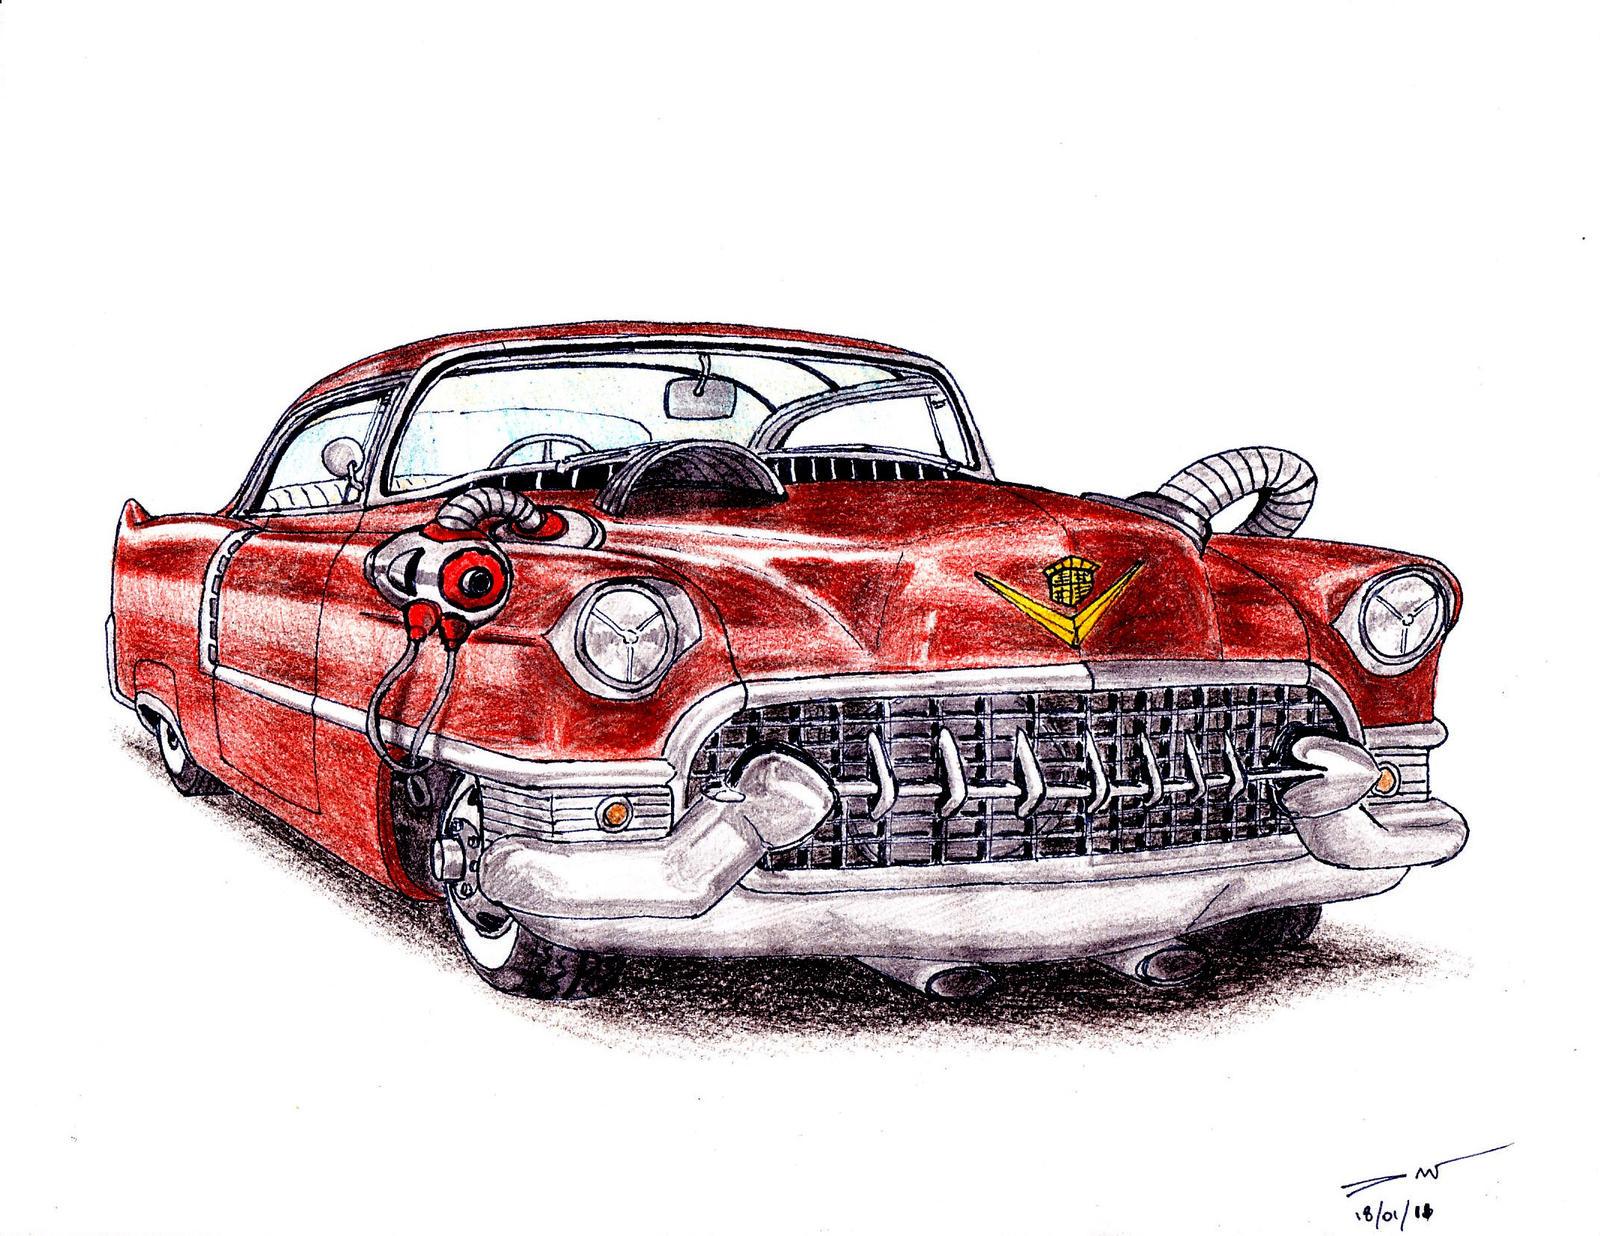 1107 - 1955 Cadillac Series 62 by TwistedMethodDan